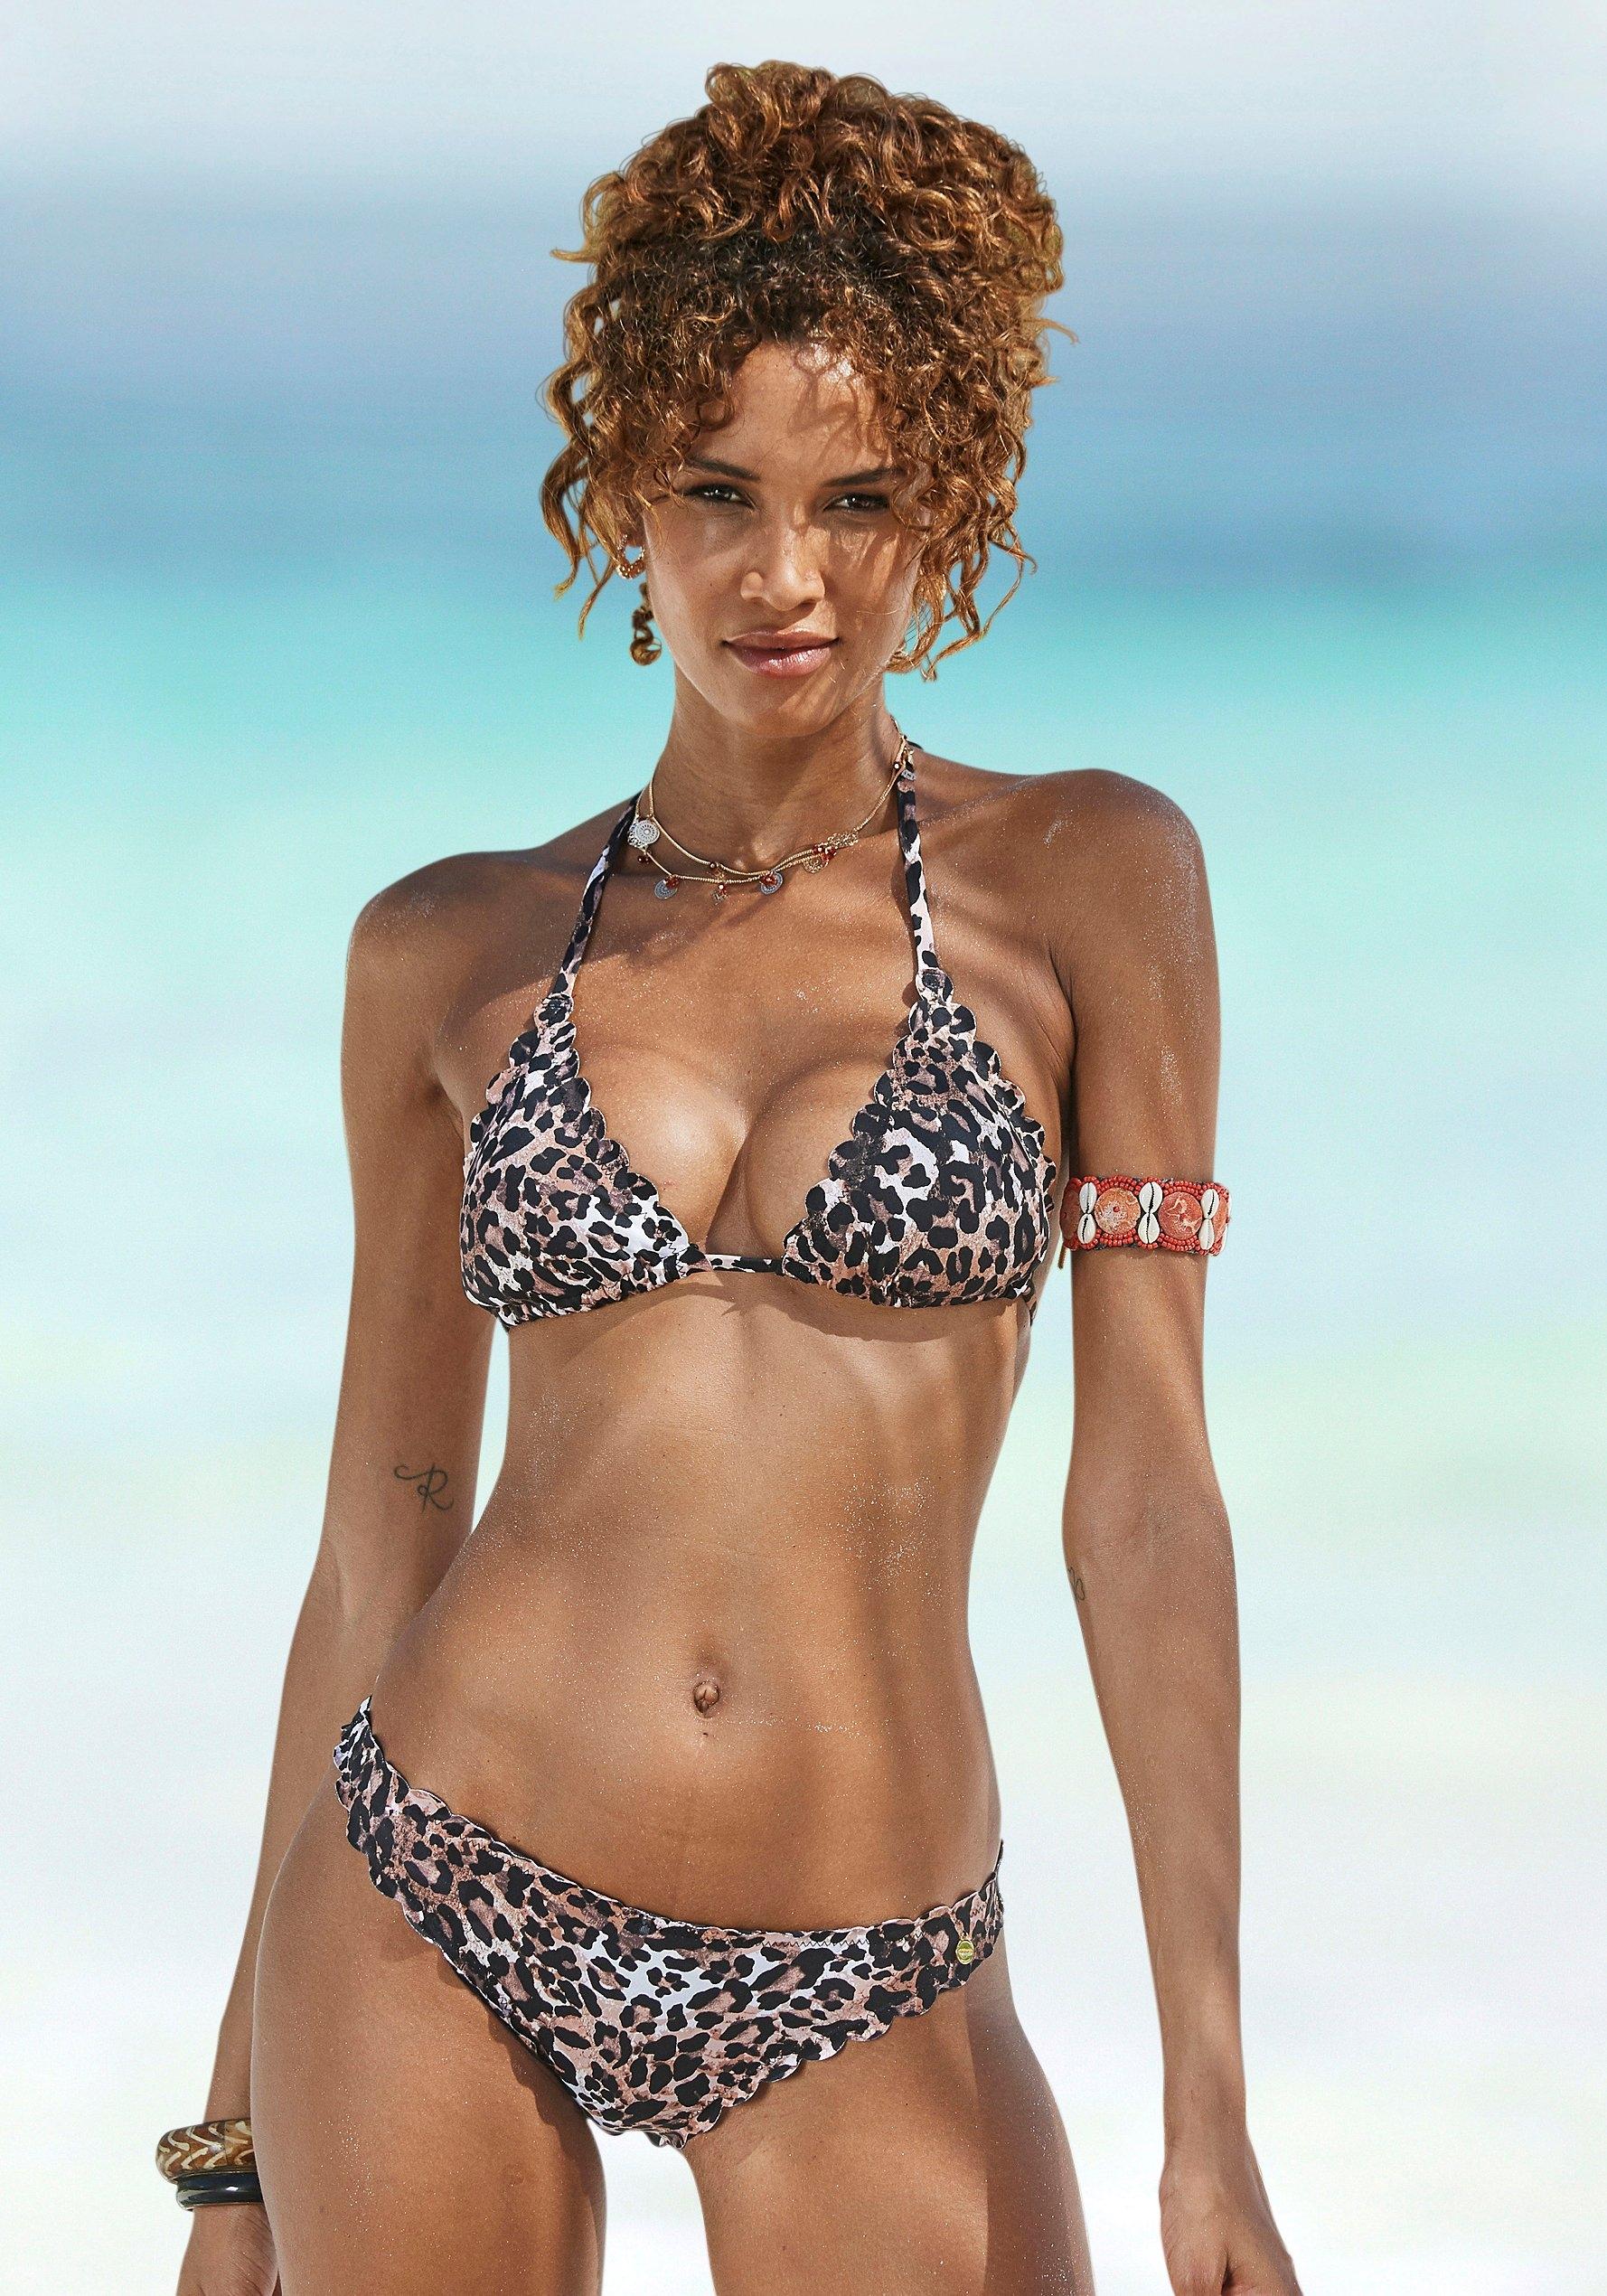 Lascana bikinibroekje Lexa in strak model en met schulprandjes in de webshop van Lascana kopen